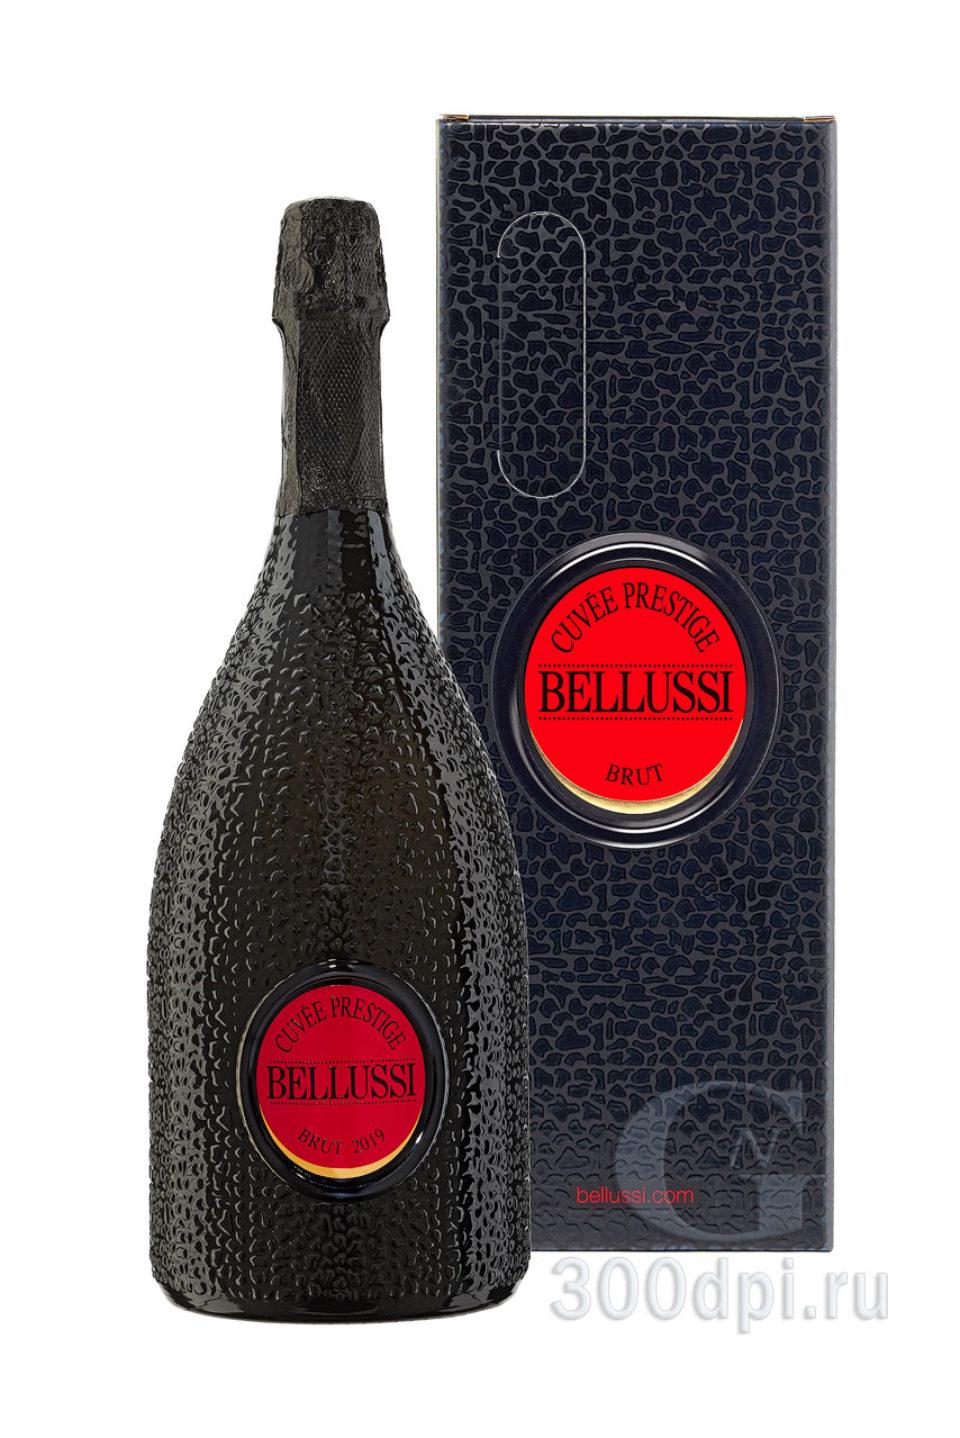 Съемка бутылок для каталога